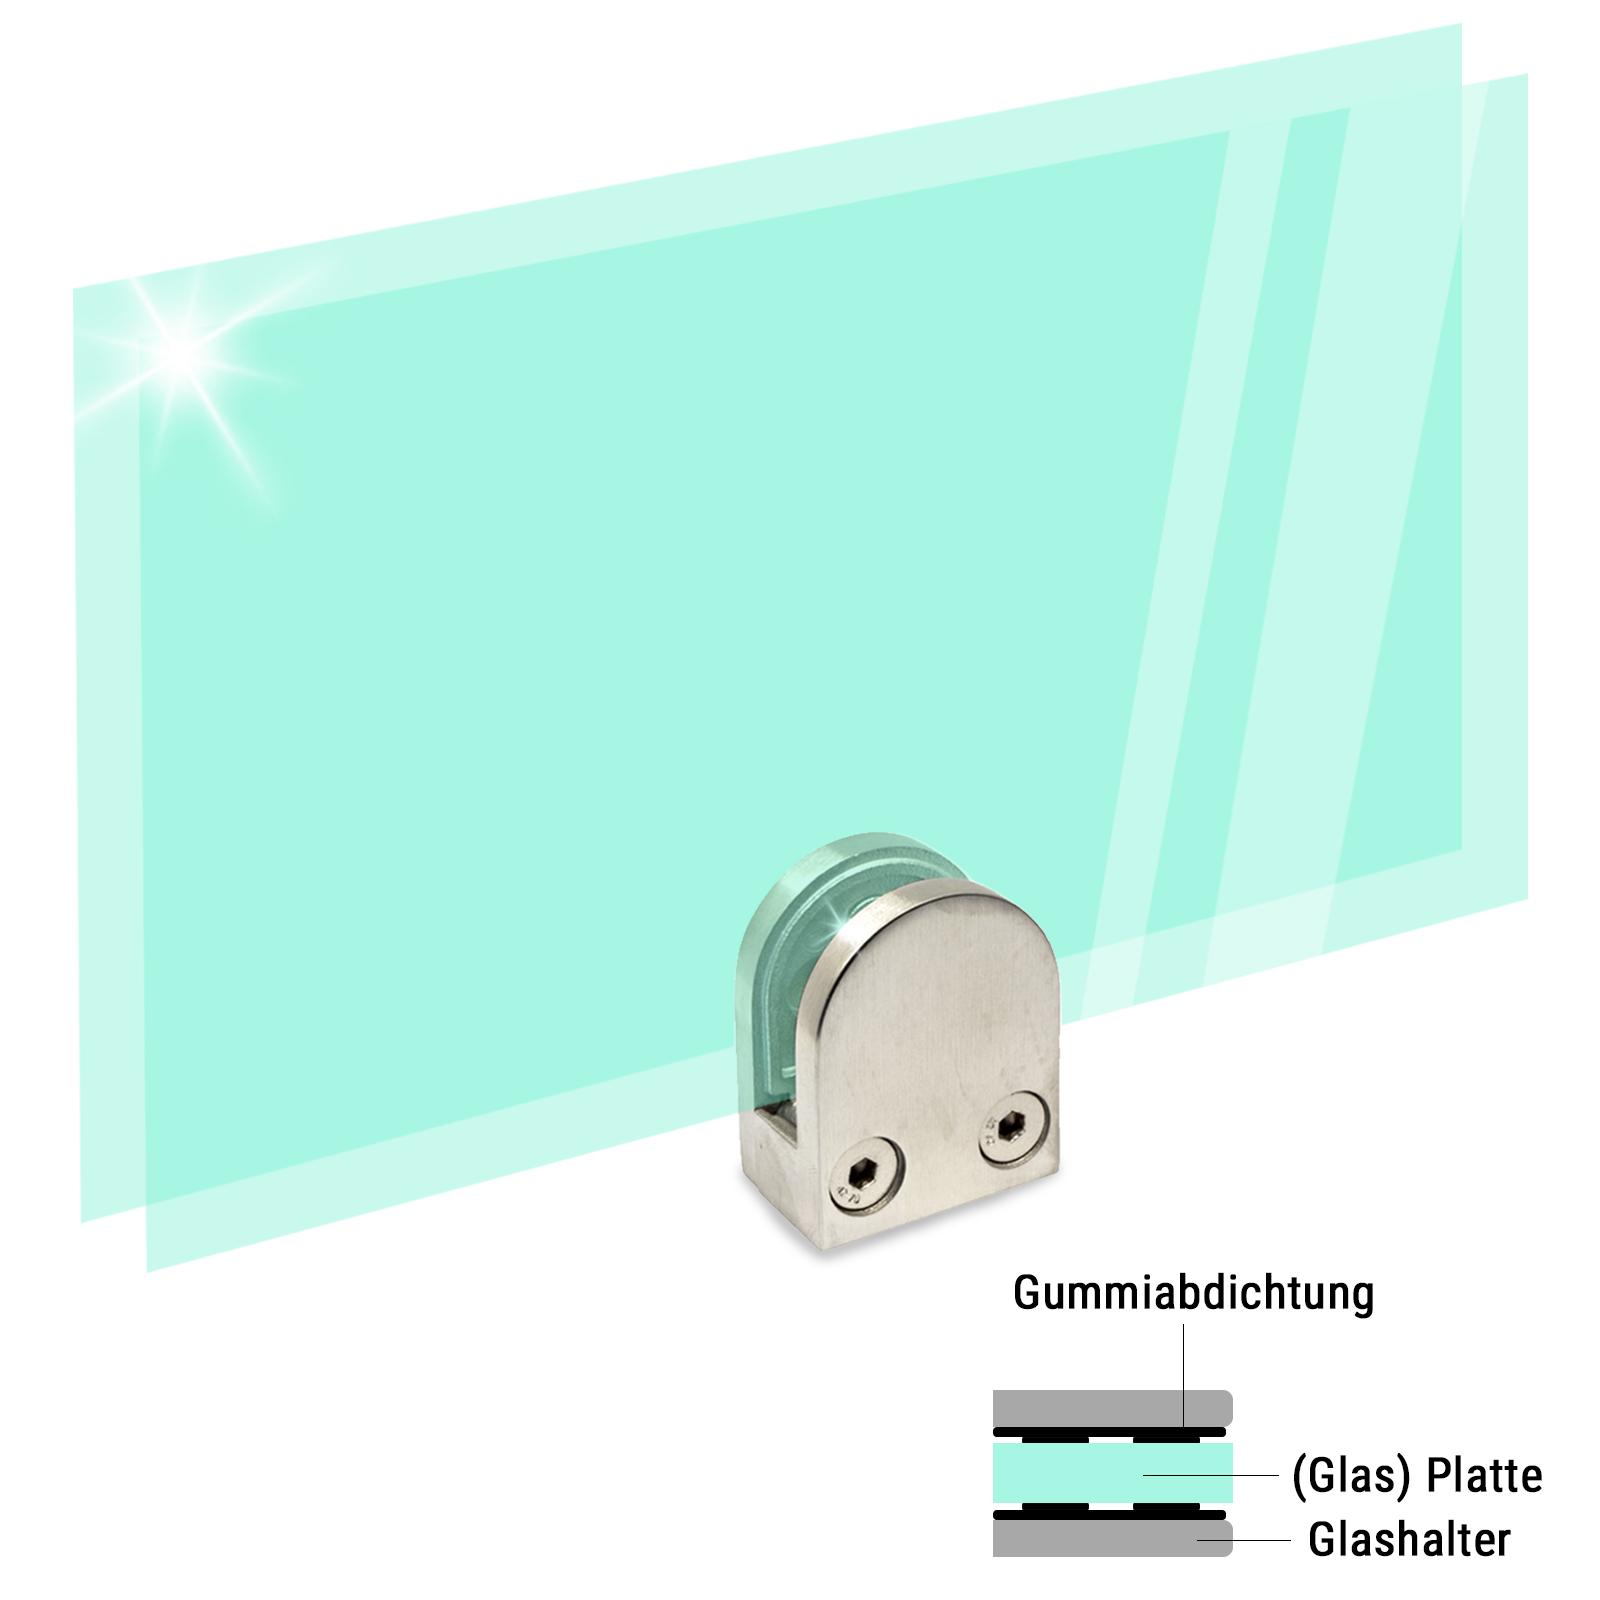 Glashalter / Glasklemme Funktionsweise